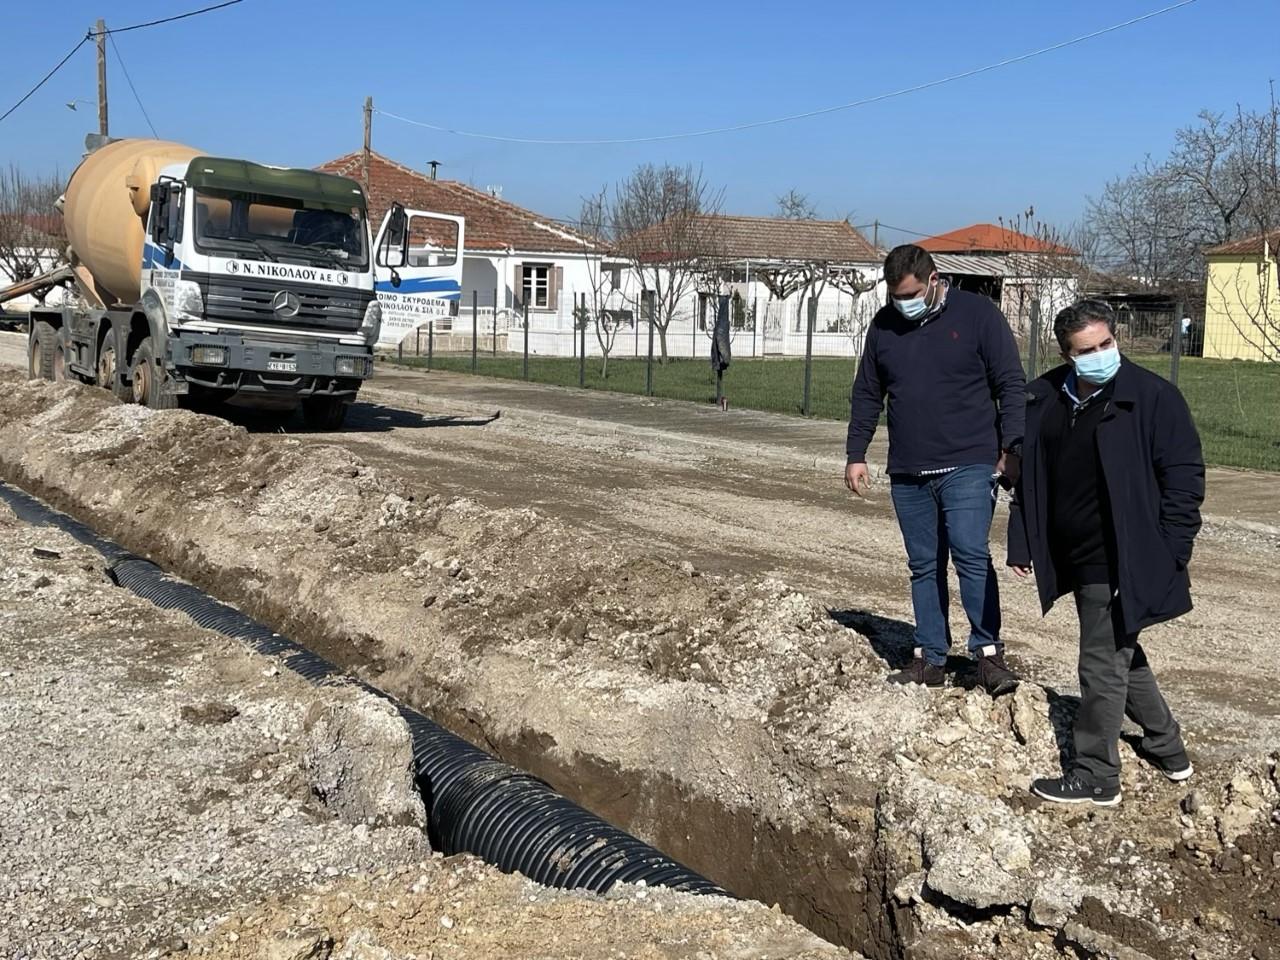 Σε εξέλιξη η κατασκευή του δικτύου αποχέτευσης ομβρίων για την αντιπλημμυρική θωράκιση στο Βασιλή